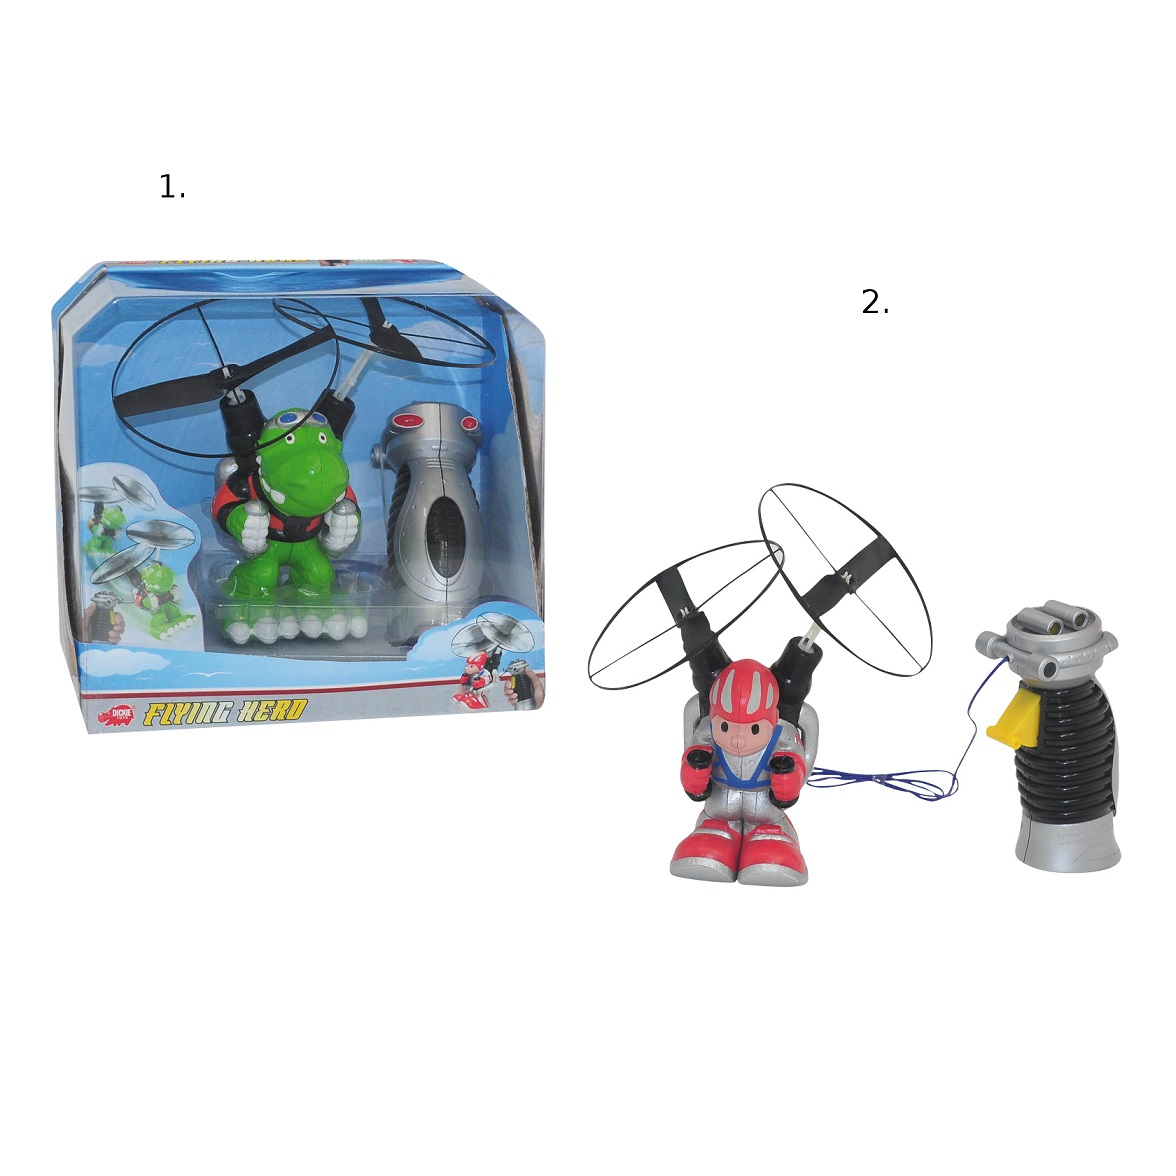 Летающий герой на дистанционном управлении, 15 см., 2 видаЛетающие игрушки<br>Летающий герой на дистанционном управлении, 15 см., 2 вида<br>